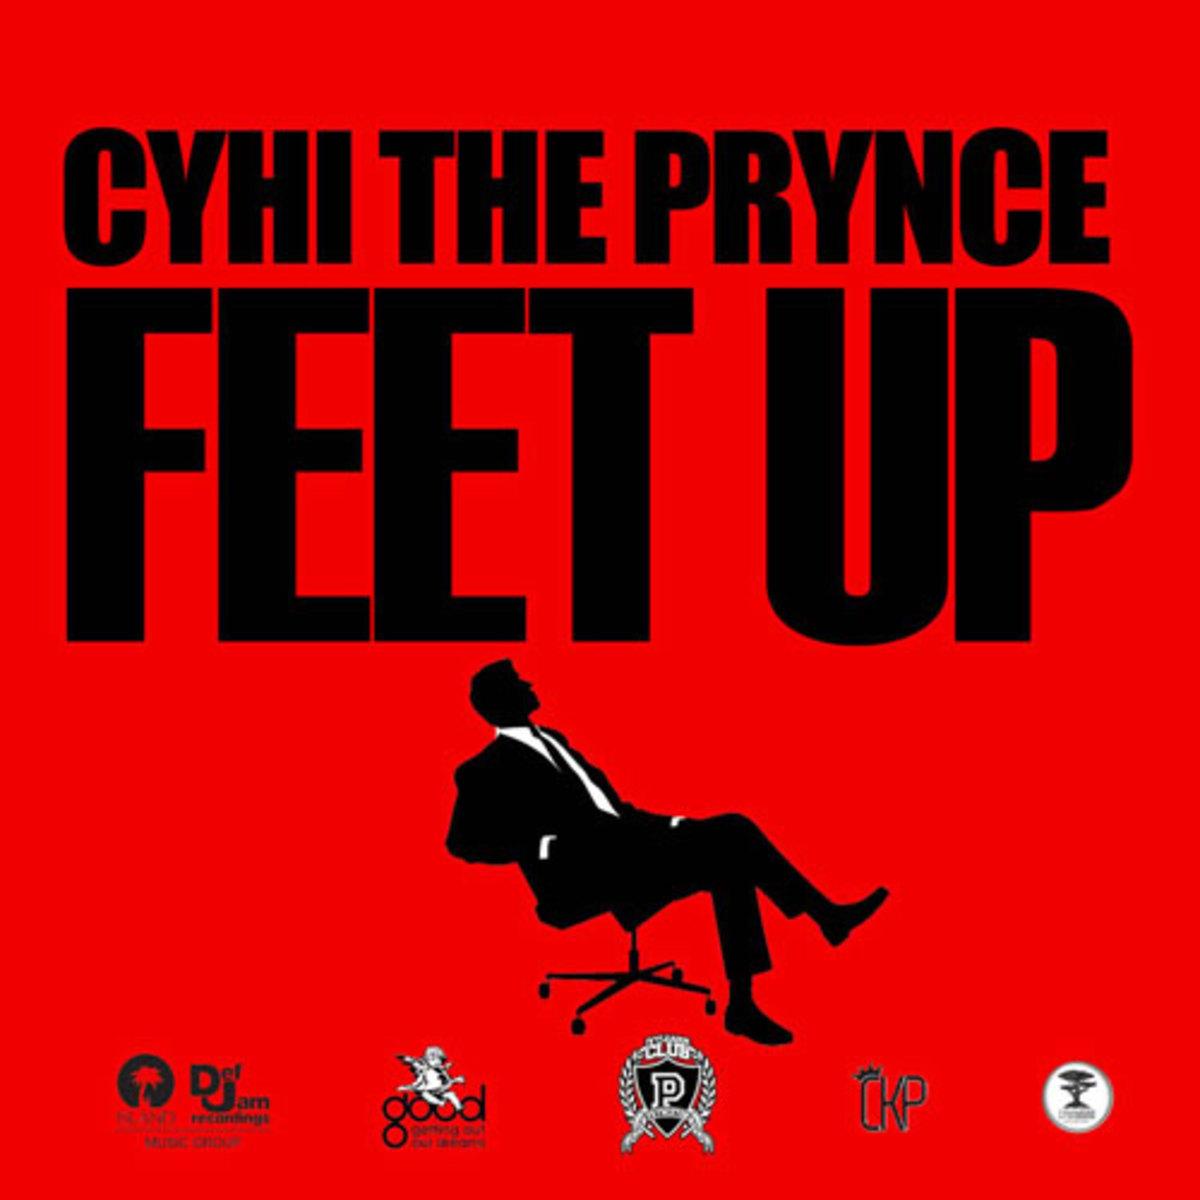 cyhiprynce-feetup.jpg